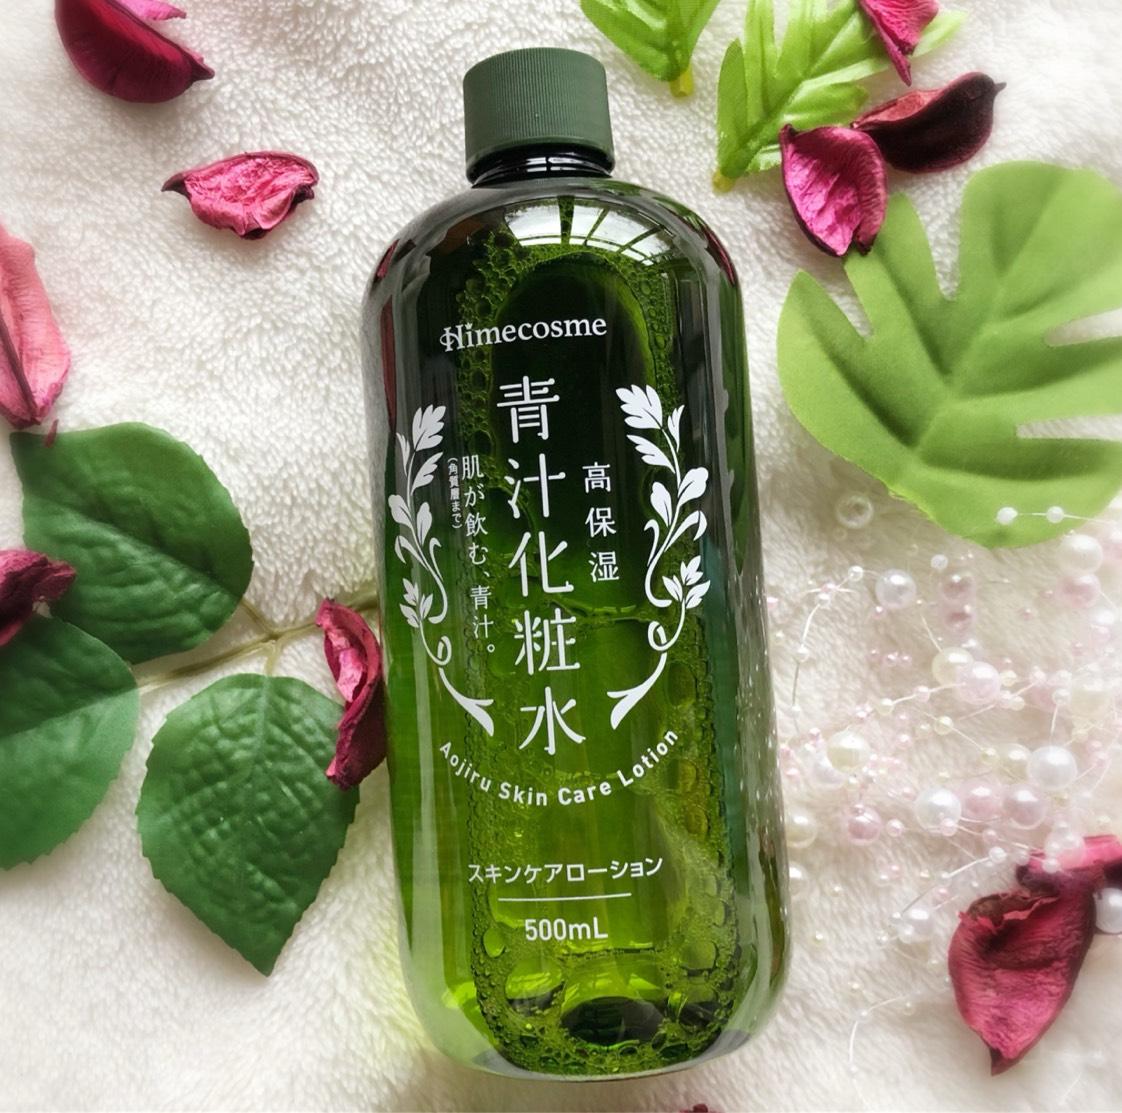 青汁化粧水スキンケアローション